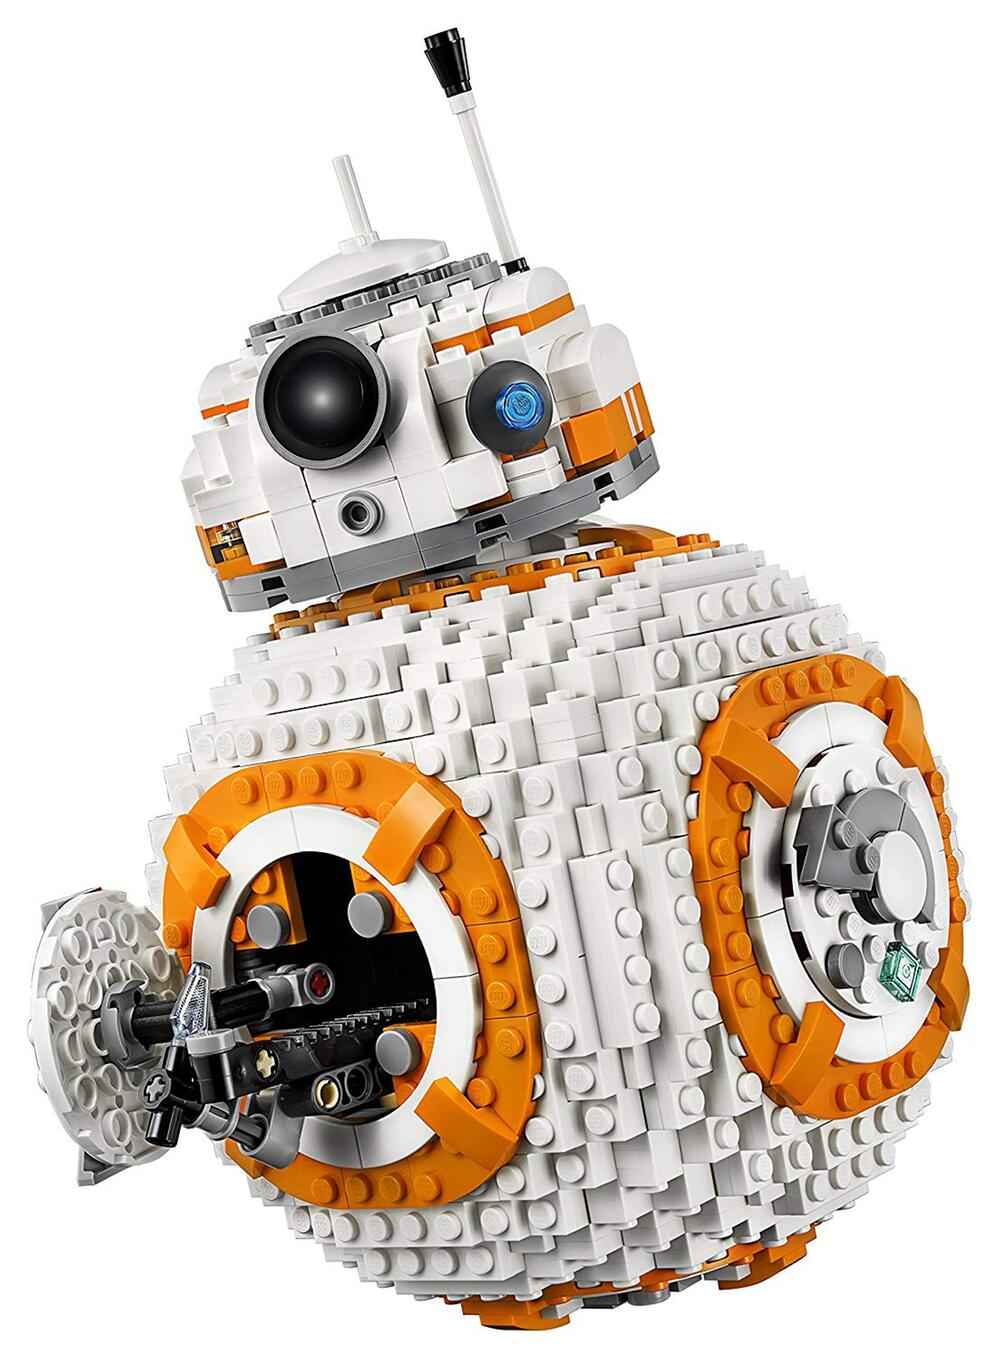 Star Wars, Lego, Weihnachten, Geschenk, Jungs